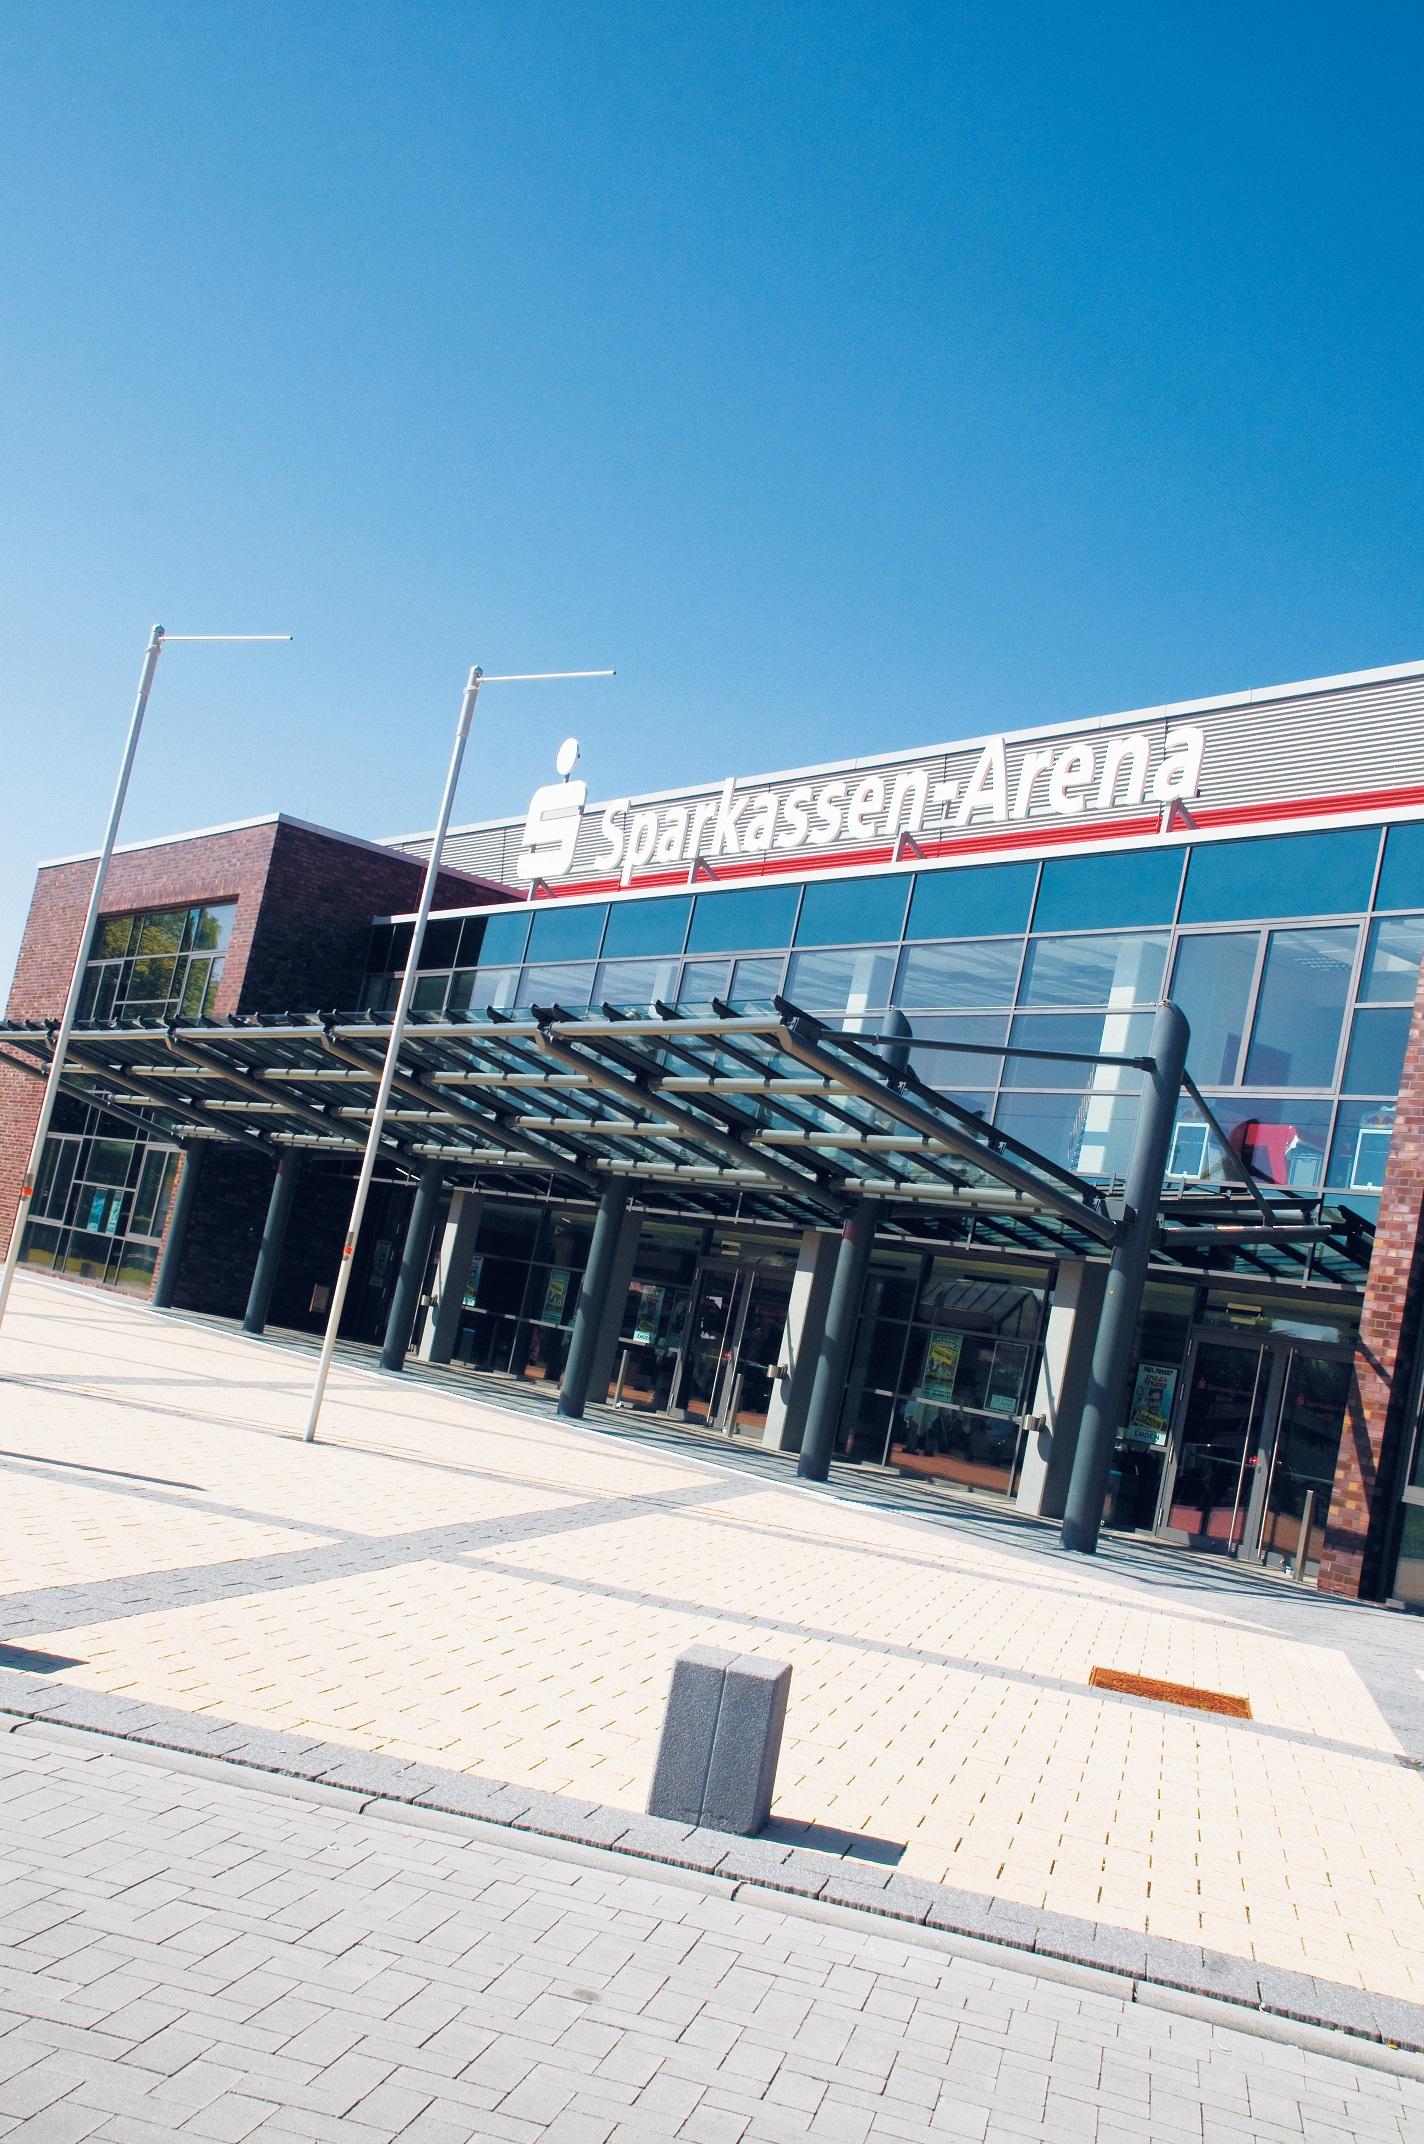 Aurich Sparkassen Arena